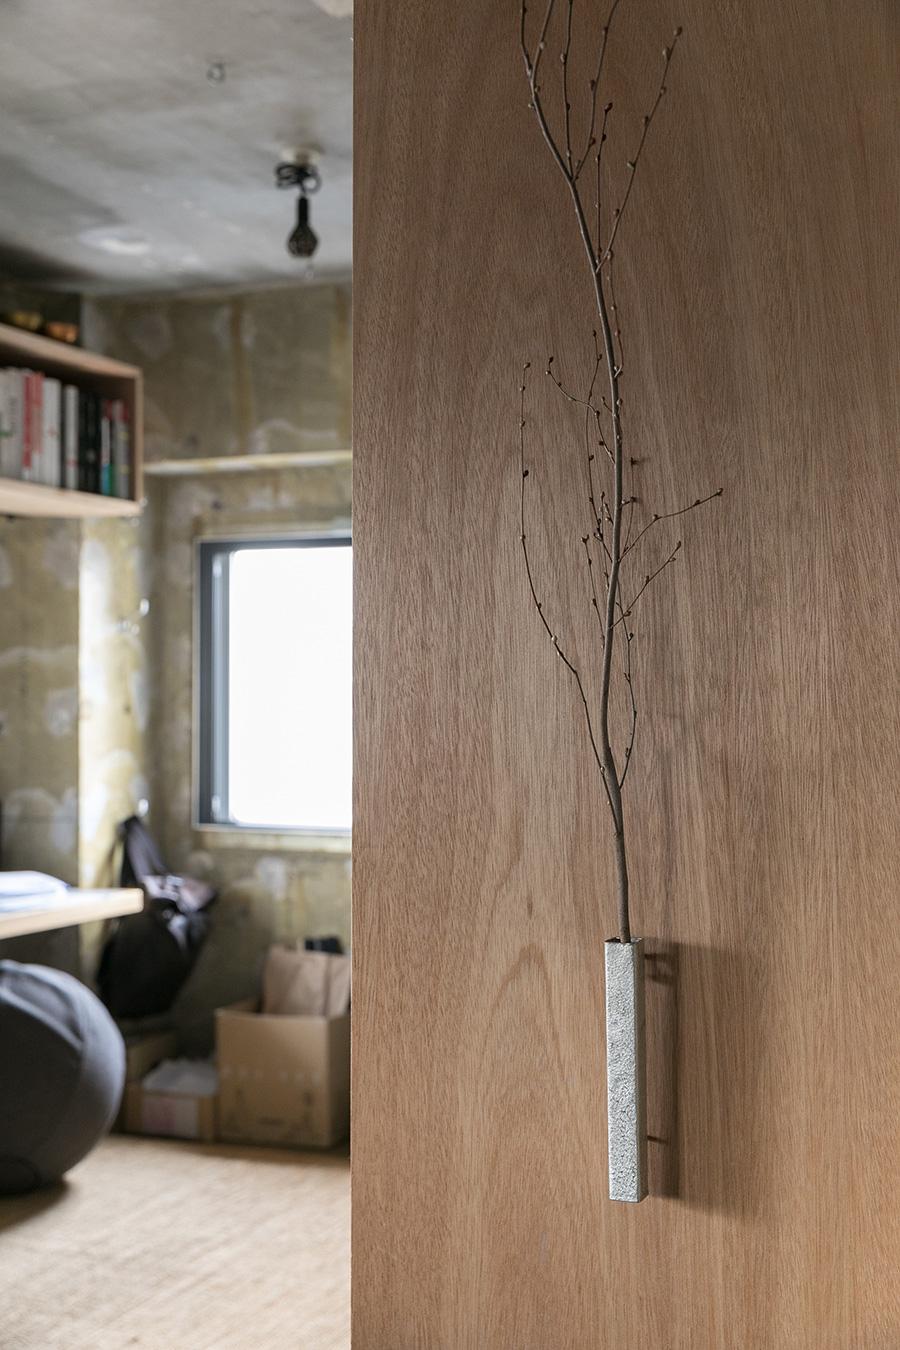 さりげなく壁にかかっている錫の花器は京都の清課堂のもの。